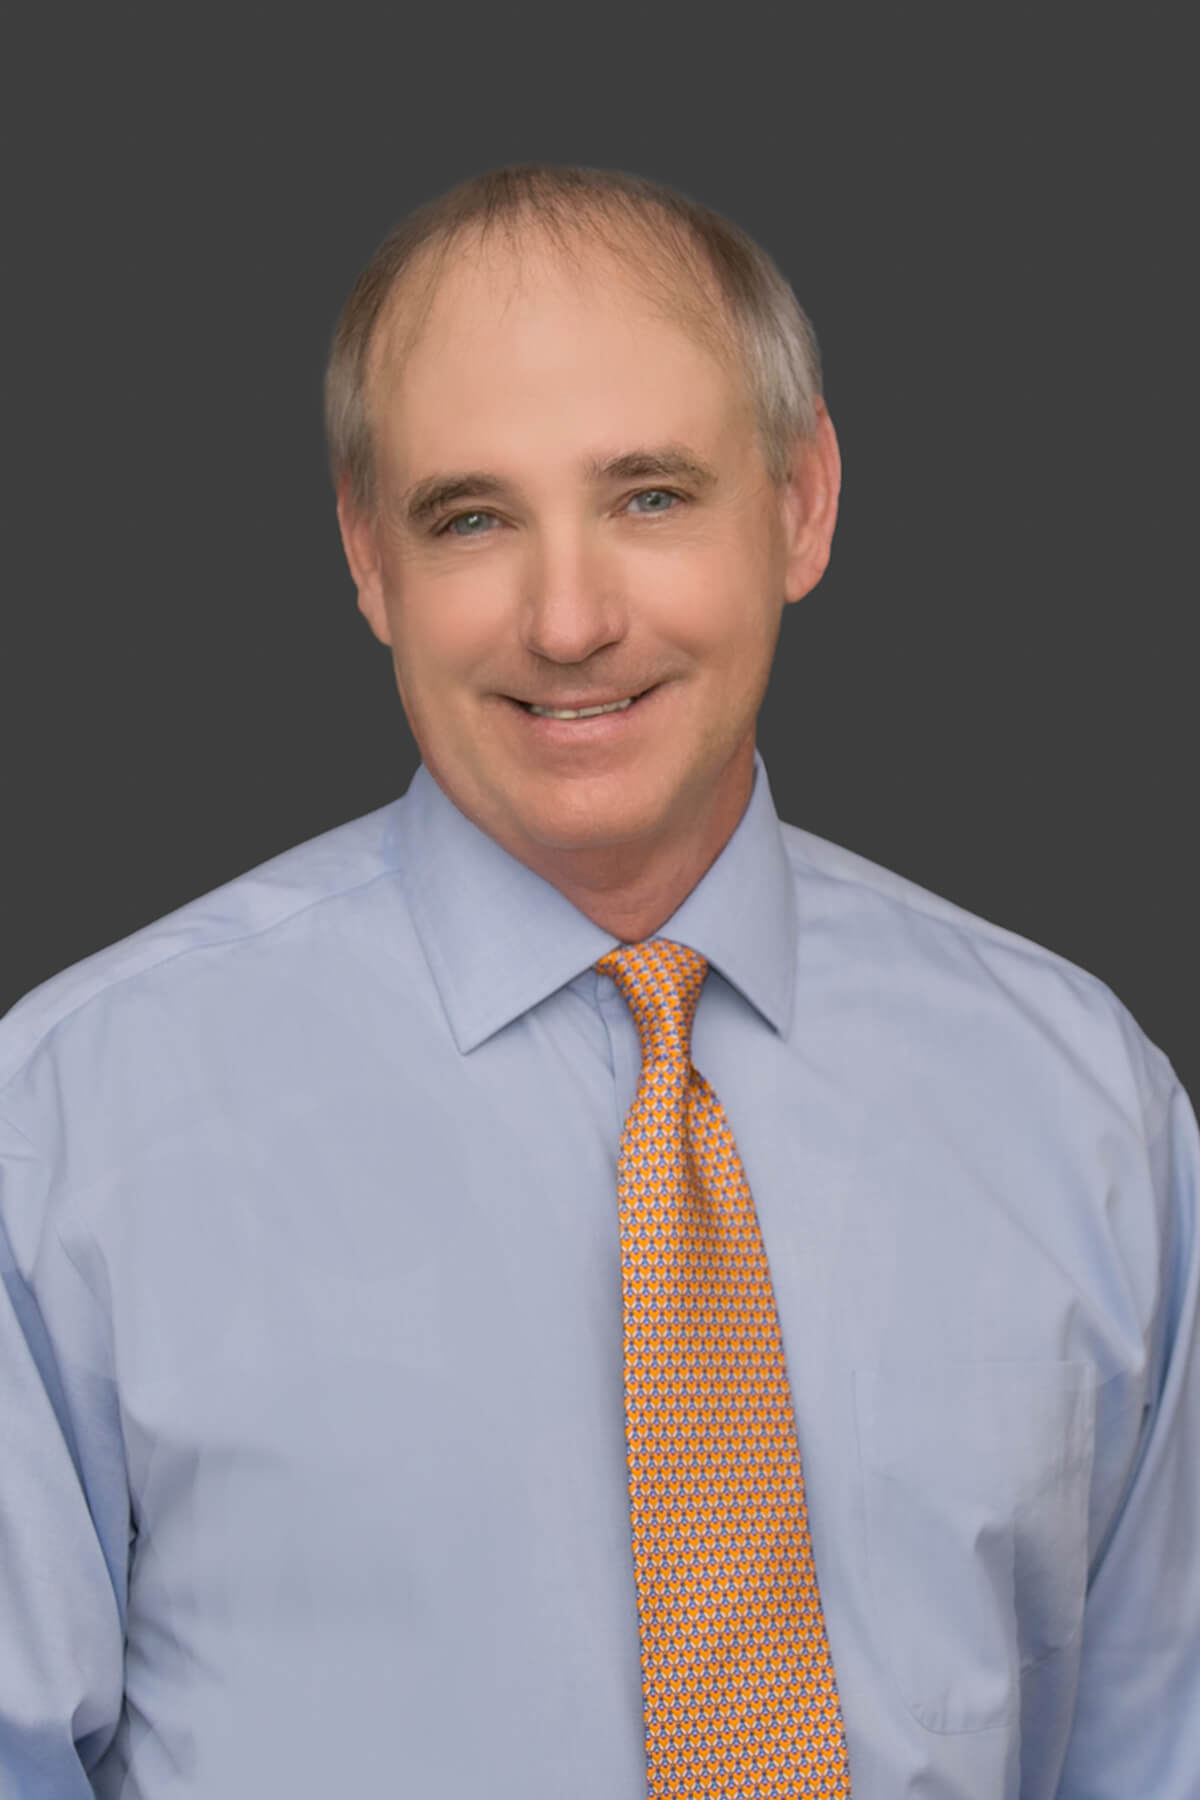 Steven L. Willis